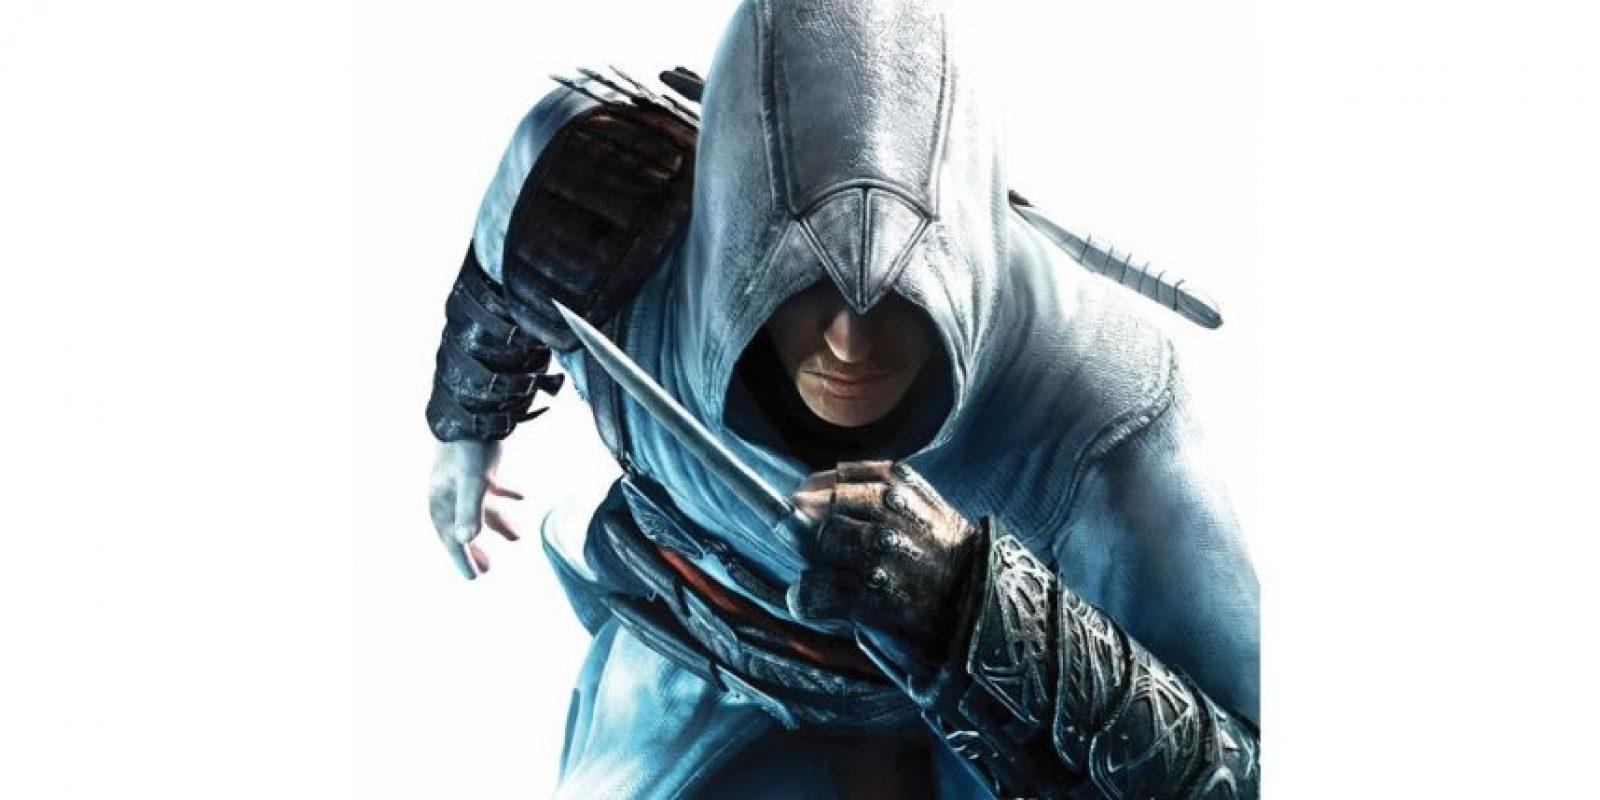 Assassin's Creed: Es increíble lo que descubres cuando investigas un poco tu historia familiar. Toma a Callum Lynch (Michael Fassbender) que se adentra en los recuerdos de su antepasado, Aguilar, en el siglo XV de España, y descubre que es descendiente de una misteriosa sociedad secreta. En pocas palabras, increíble.Fecha de lanzamiento: 21 de diciembre (EE.UU.)